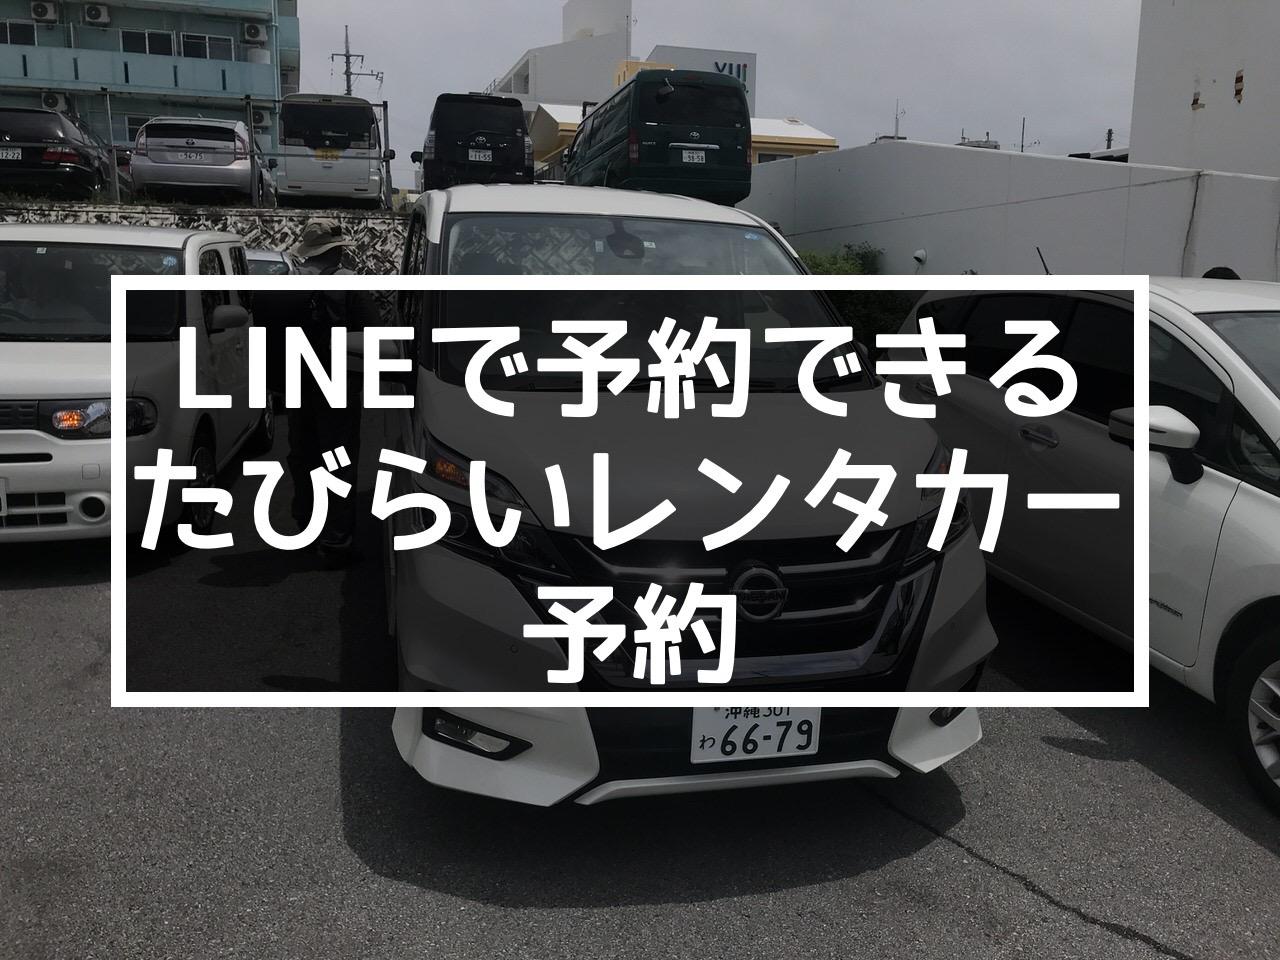 【PR】LINEで予約!沖縄で「たびらいレンタカー予約」でレンタカー予約したら安心感フルマックスだった話